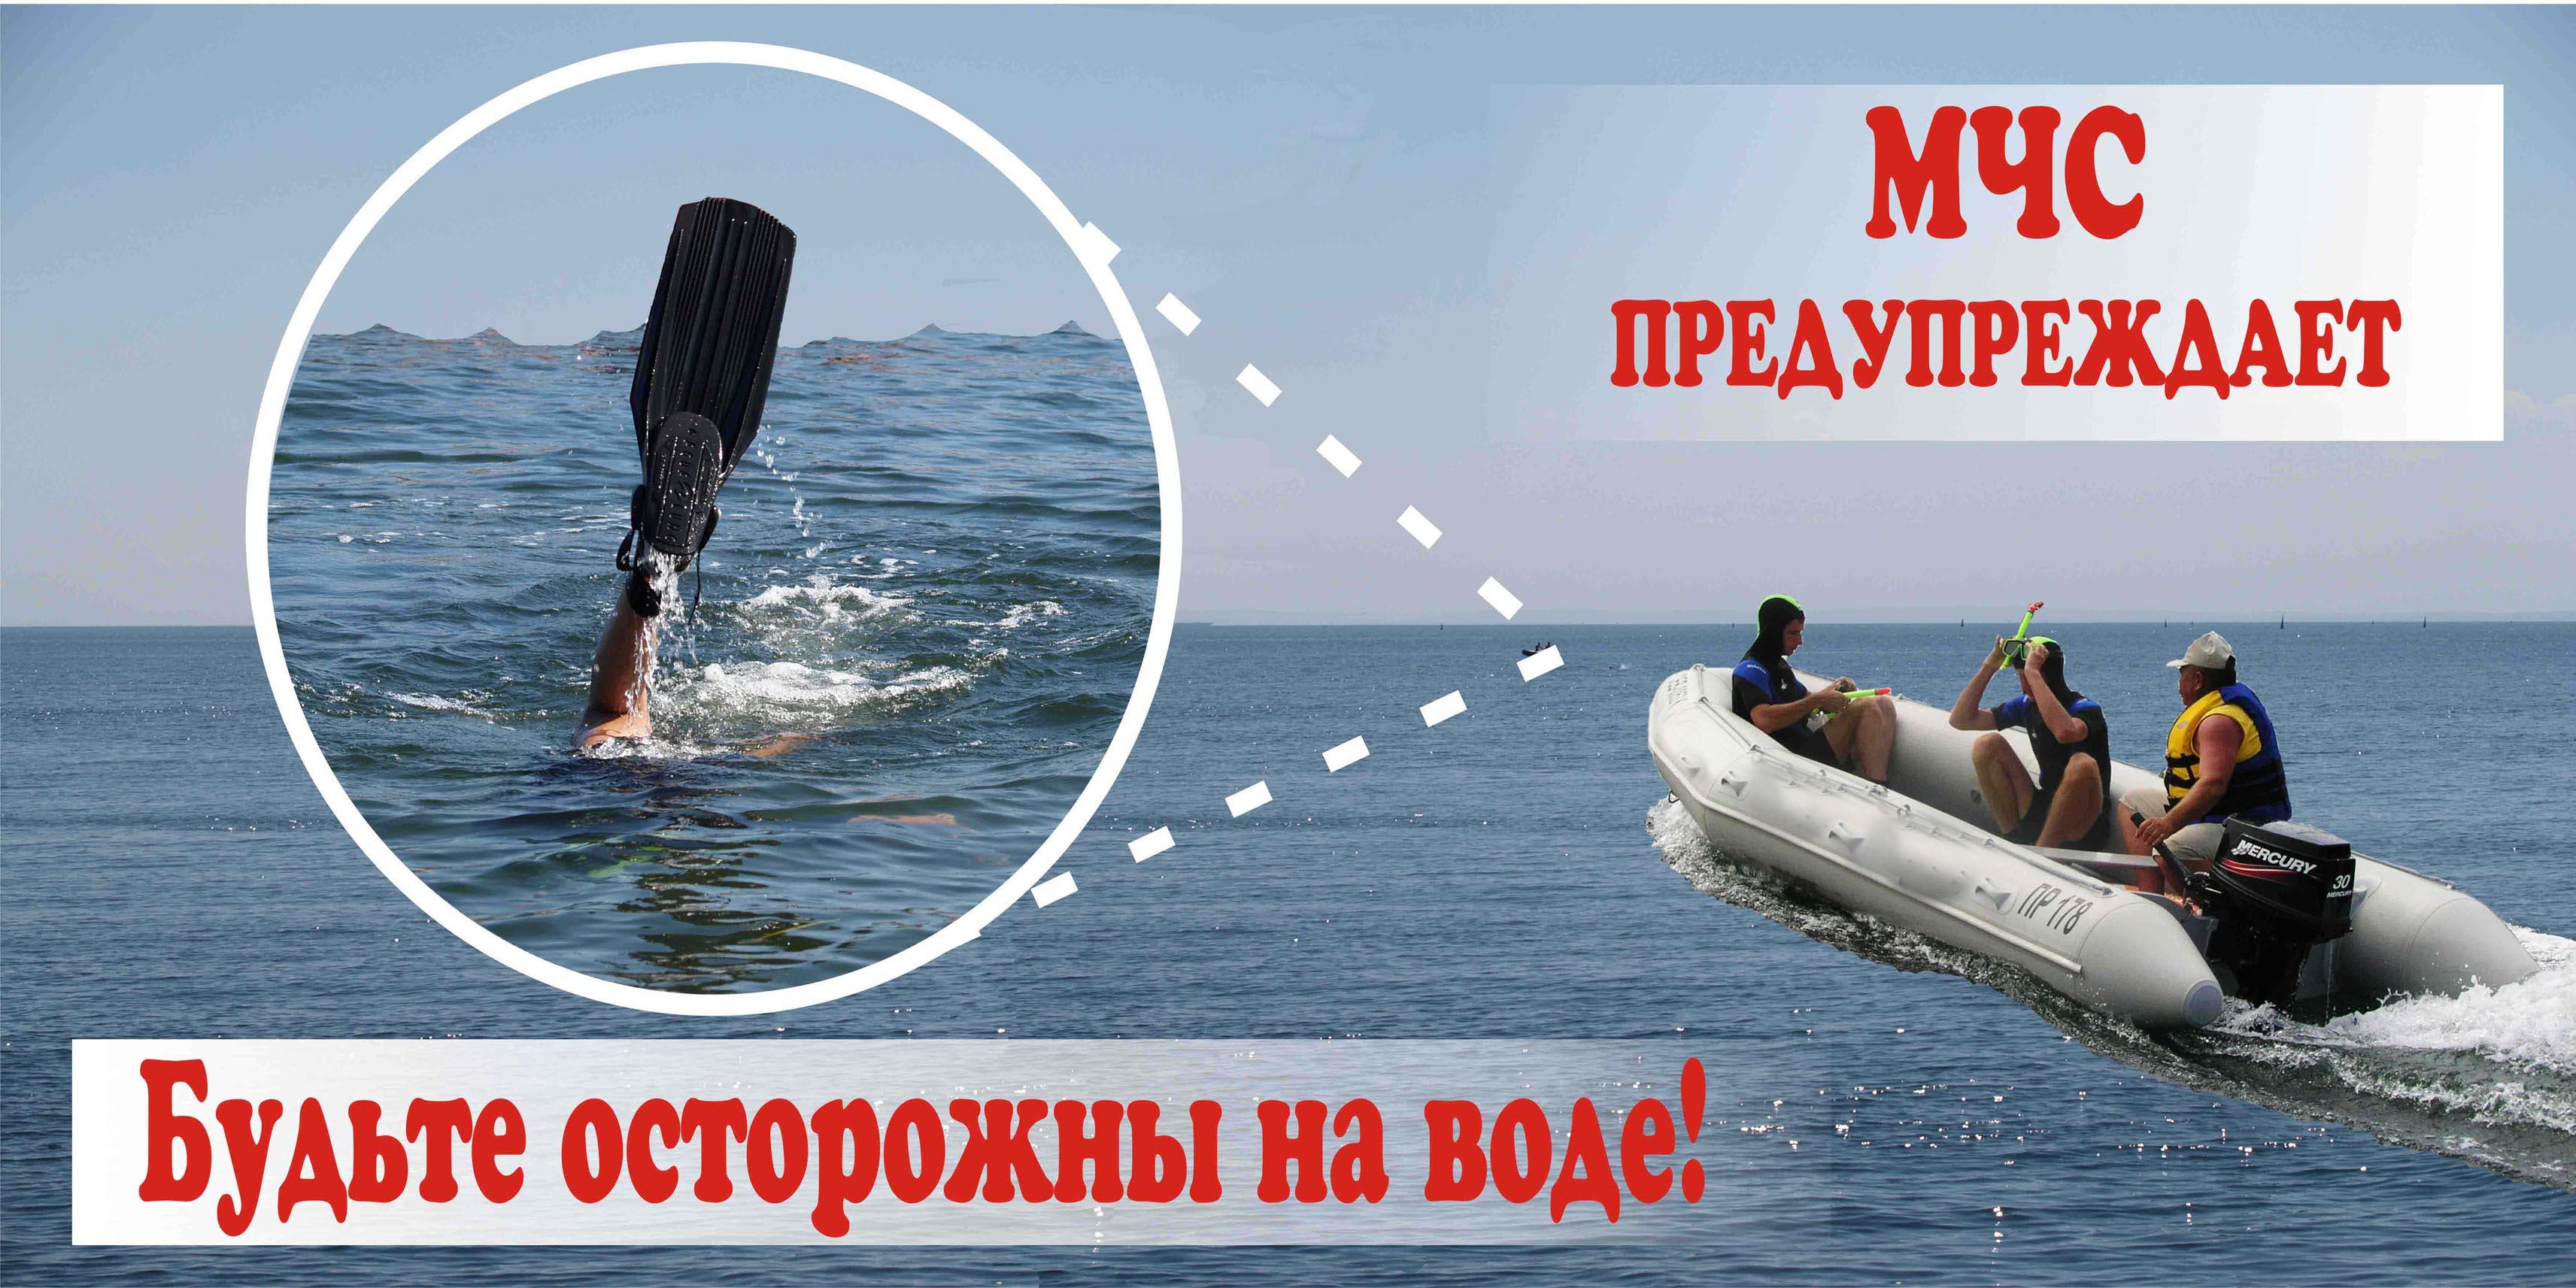 Соблюдайте правила поведения на воде!